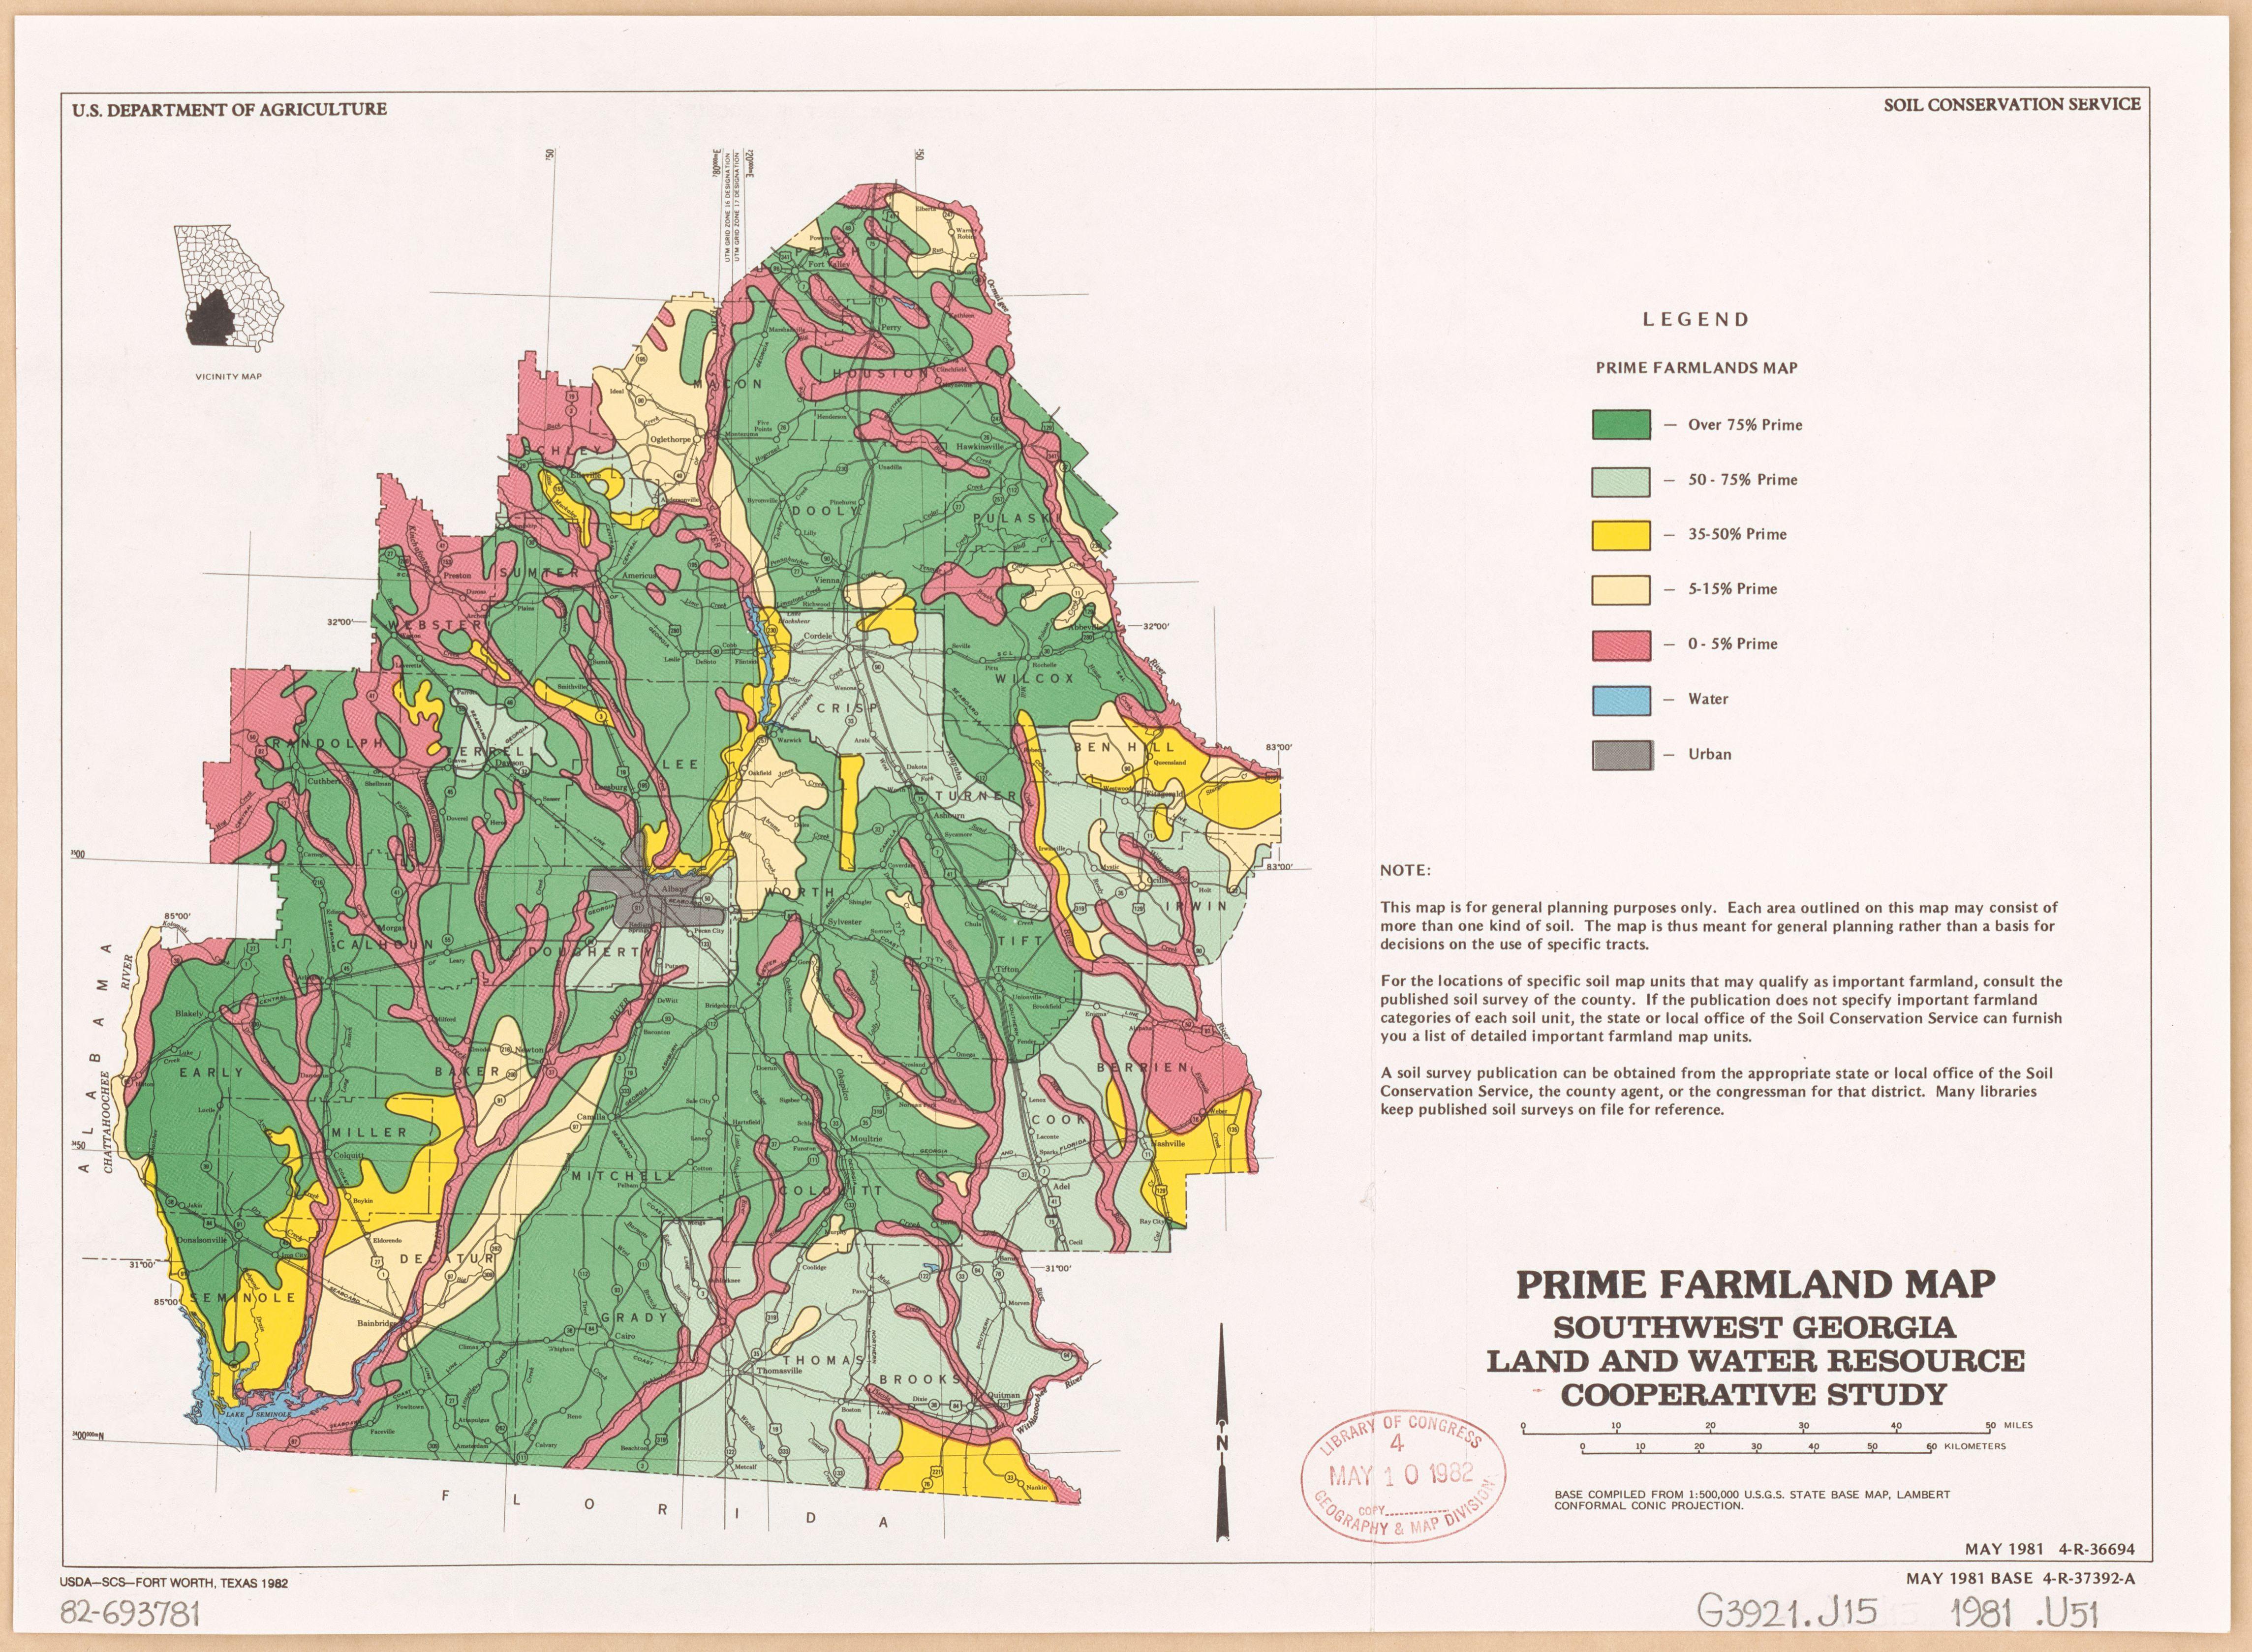 Map Of Southwest Georgia.File Prime Farmland Map Southwest Georgia Land And Water